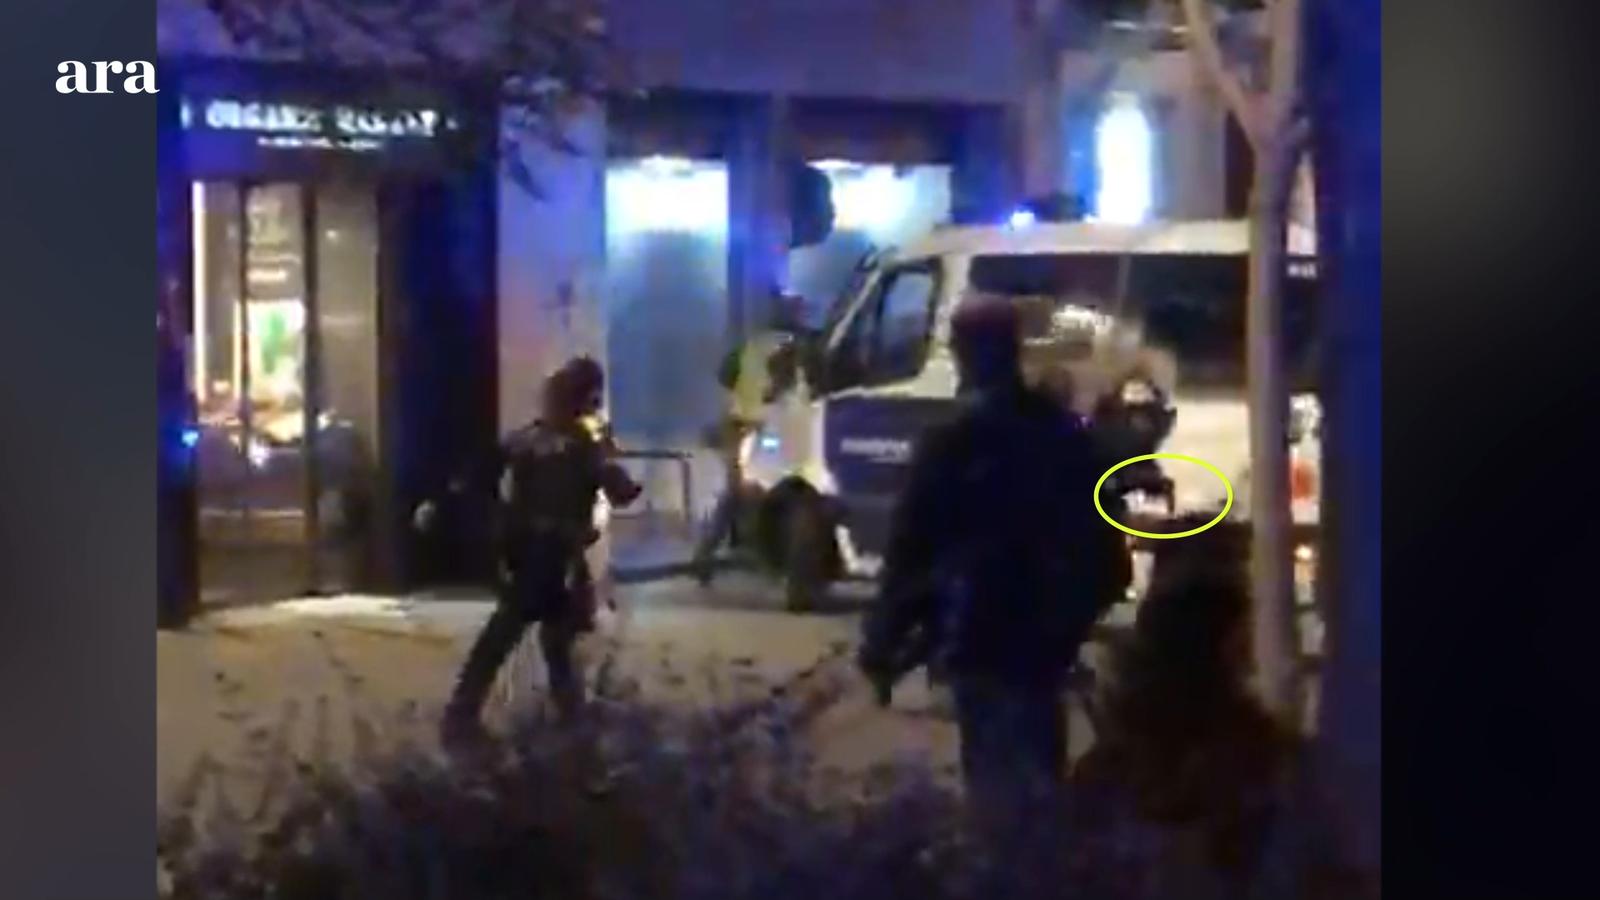 El tiroteig de la Guàrdia Urbana al sensellar